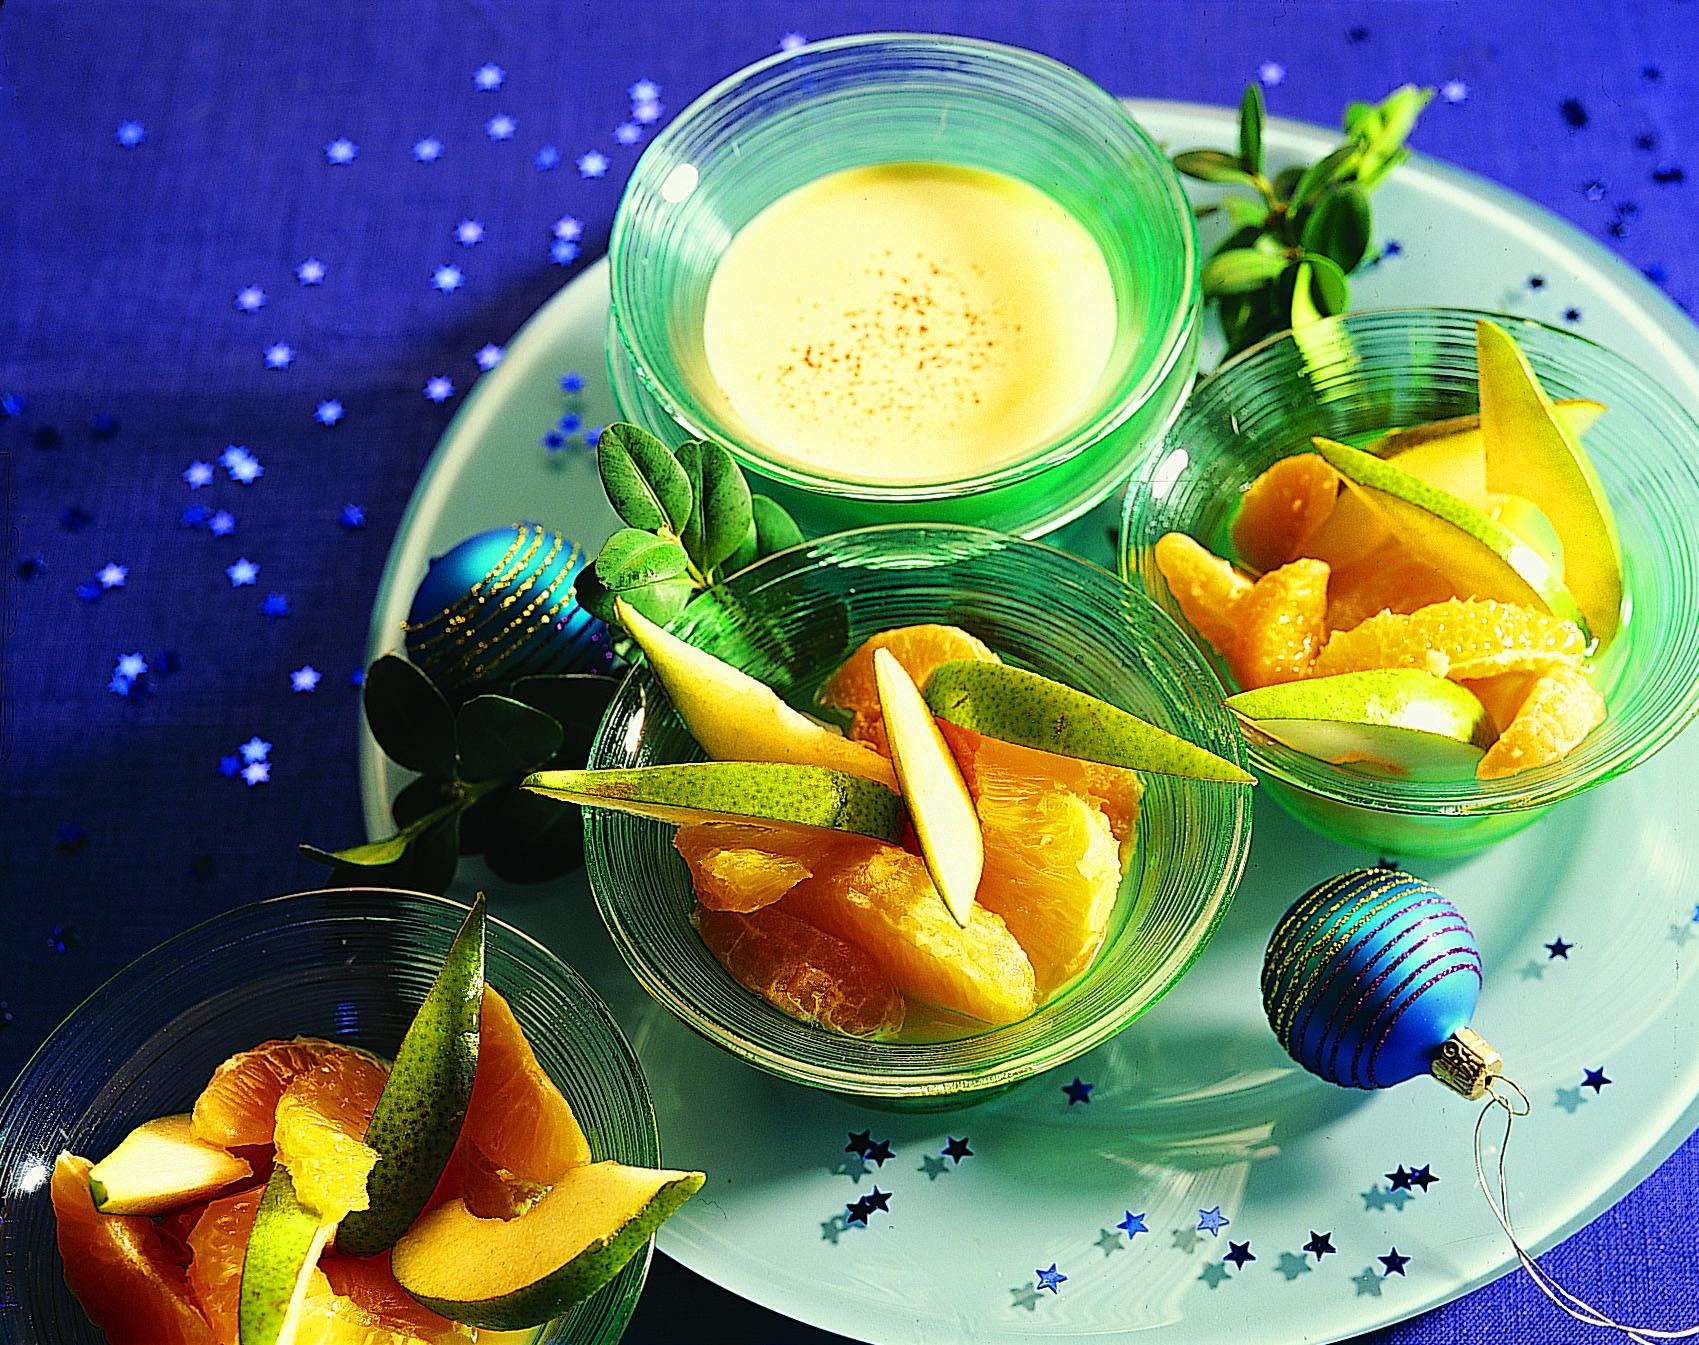 Winterfruchtsalat mit Lebkuchen-Zabaione